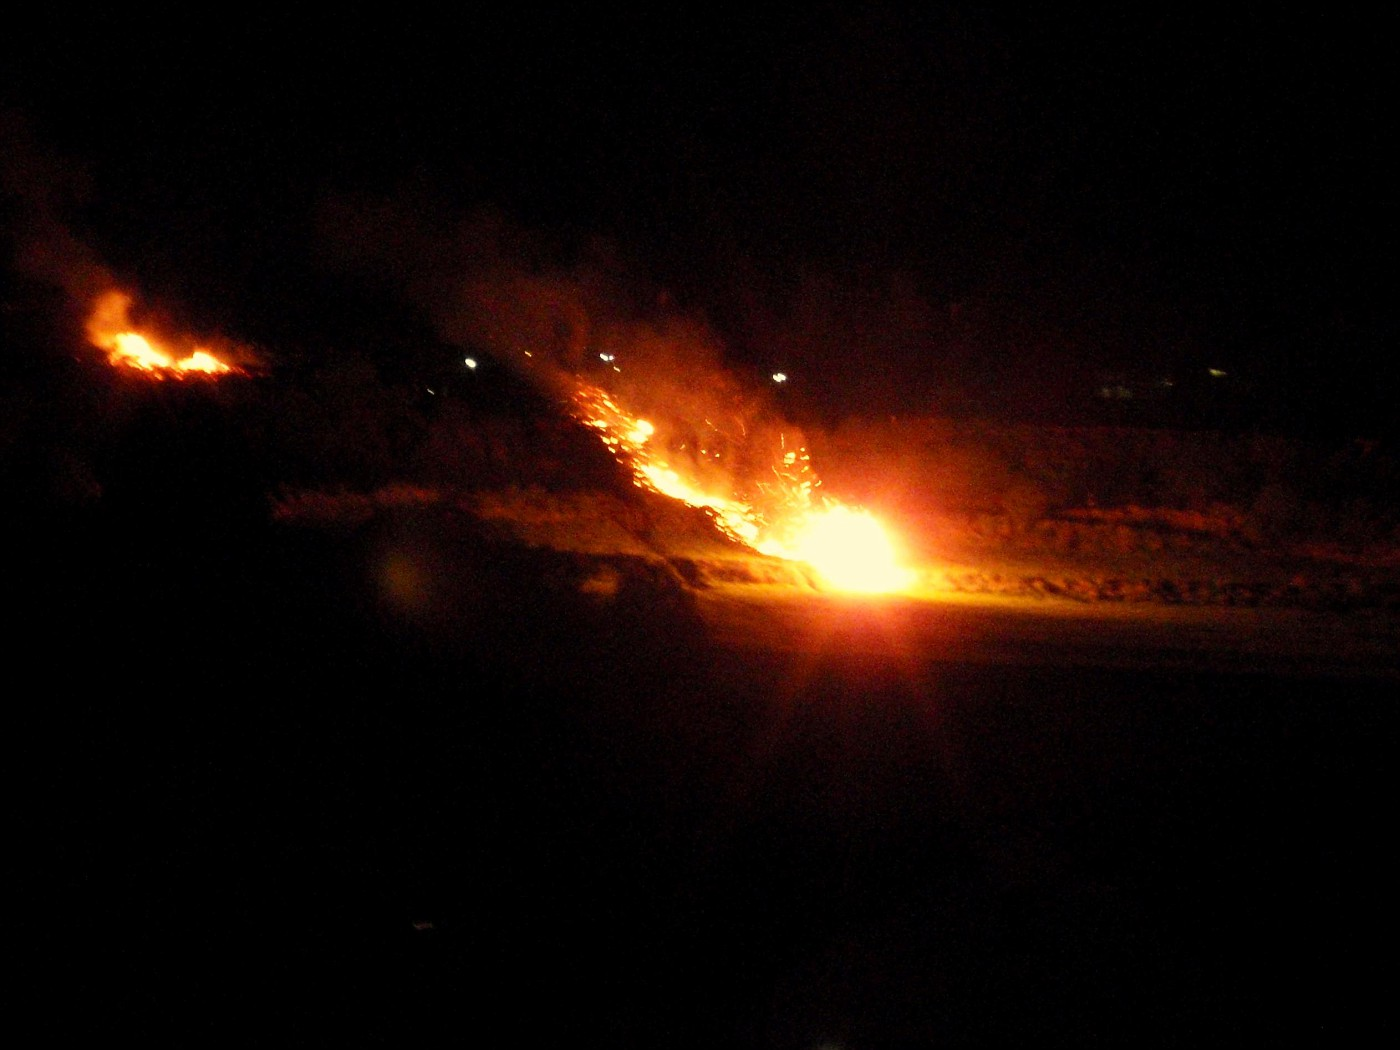 Ein flammend brennendes Osterrad rollt den Berg hinab